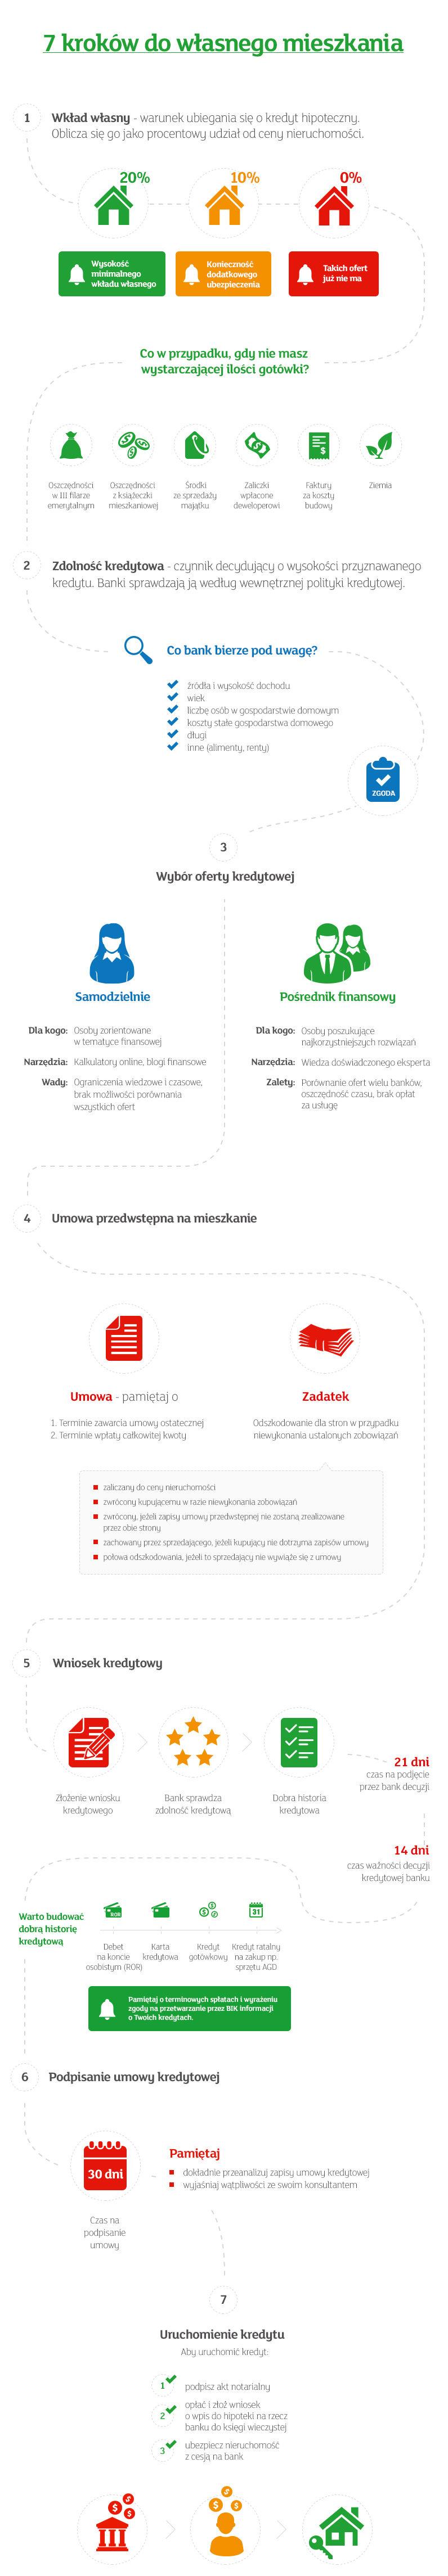 infografika 7 kroków do własnego mieszkania